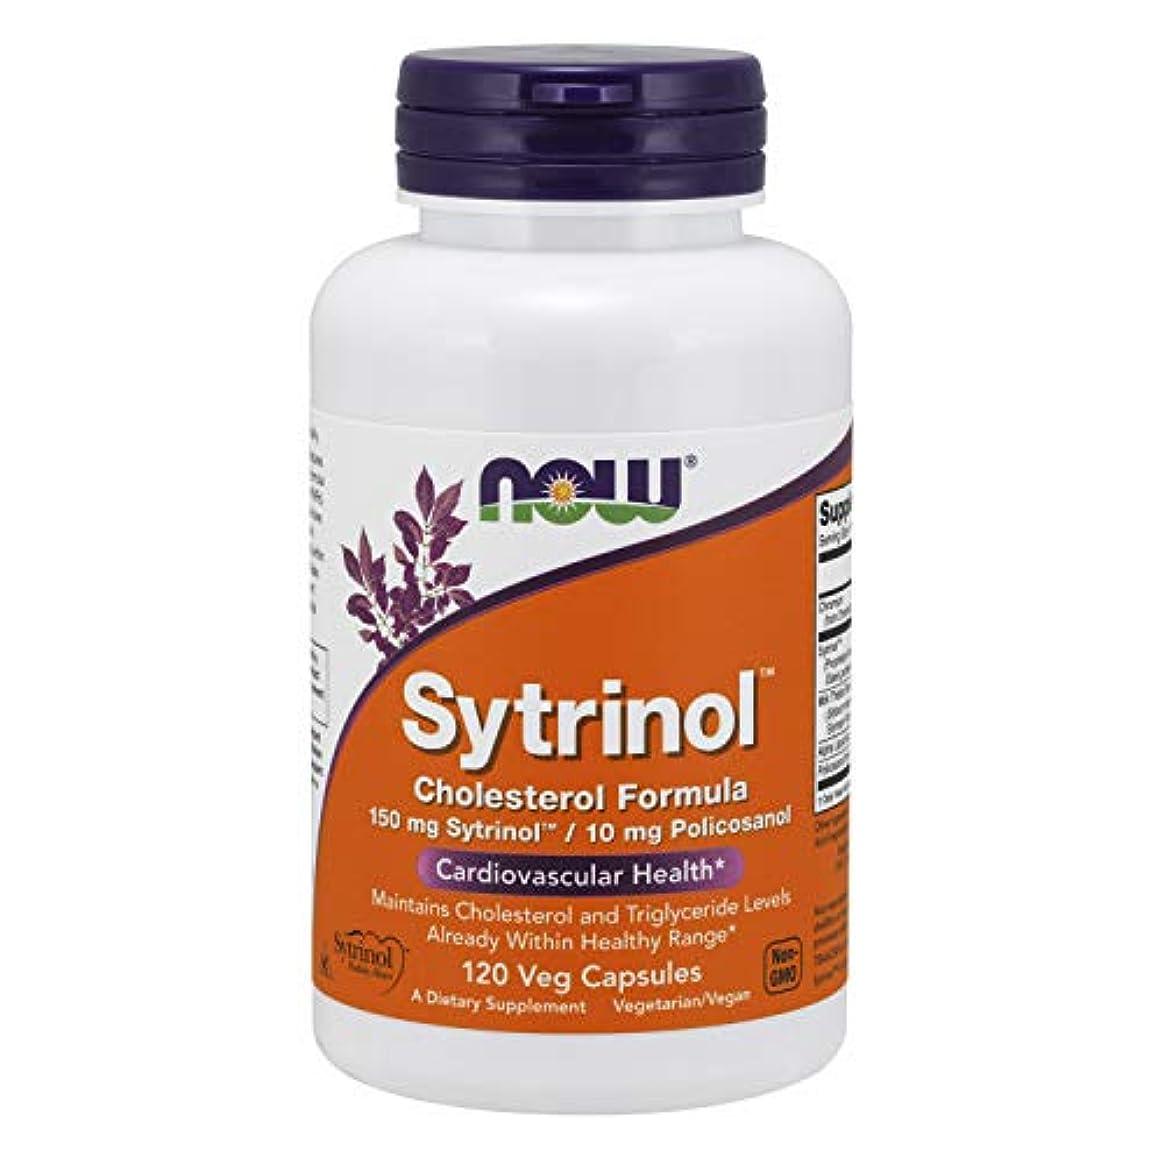 痛み凝視放散する海外直送品 Now Foods Sytrinol, 120 Vcaps 150 mg